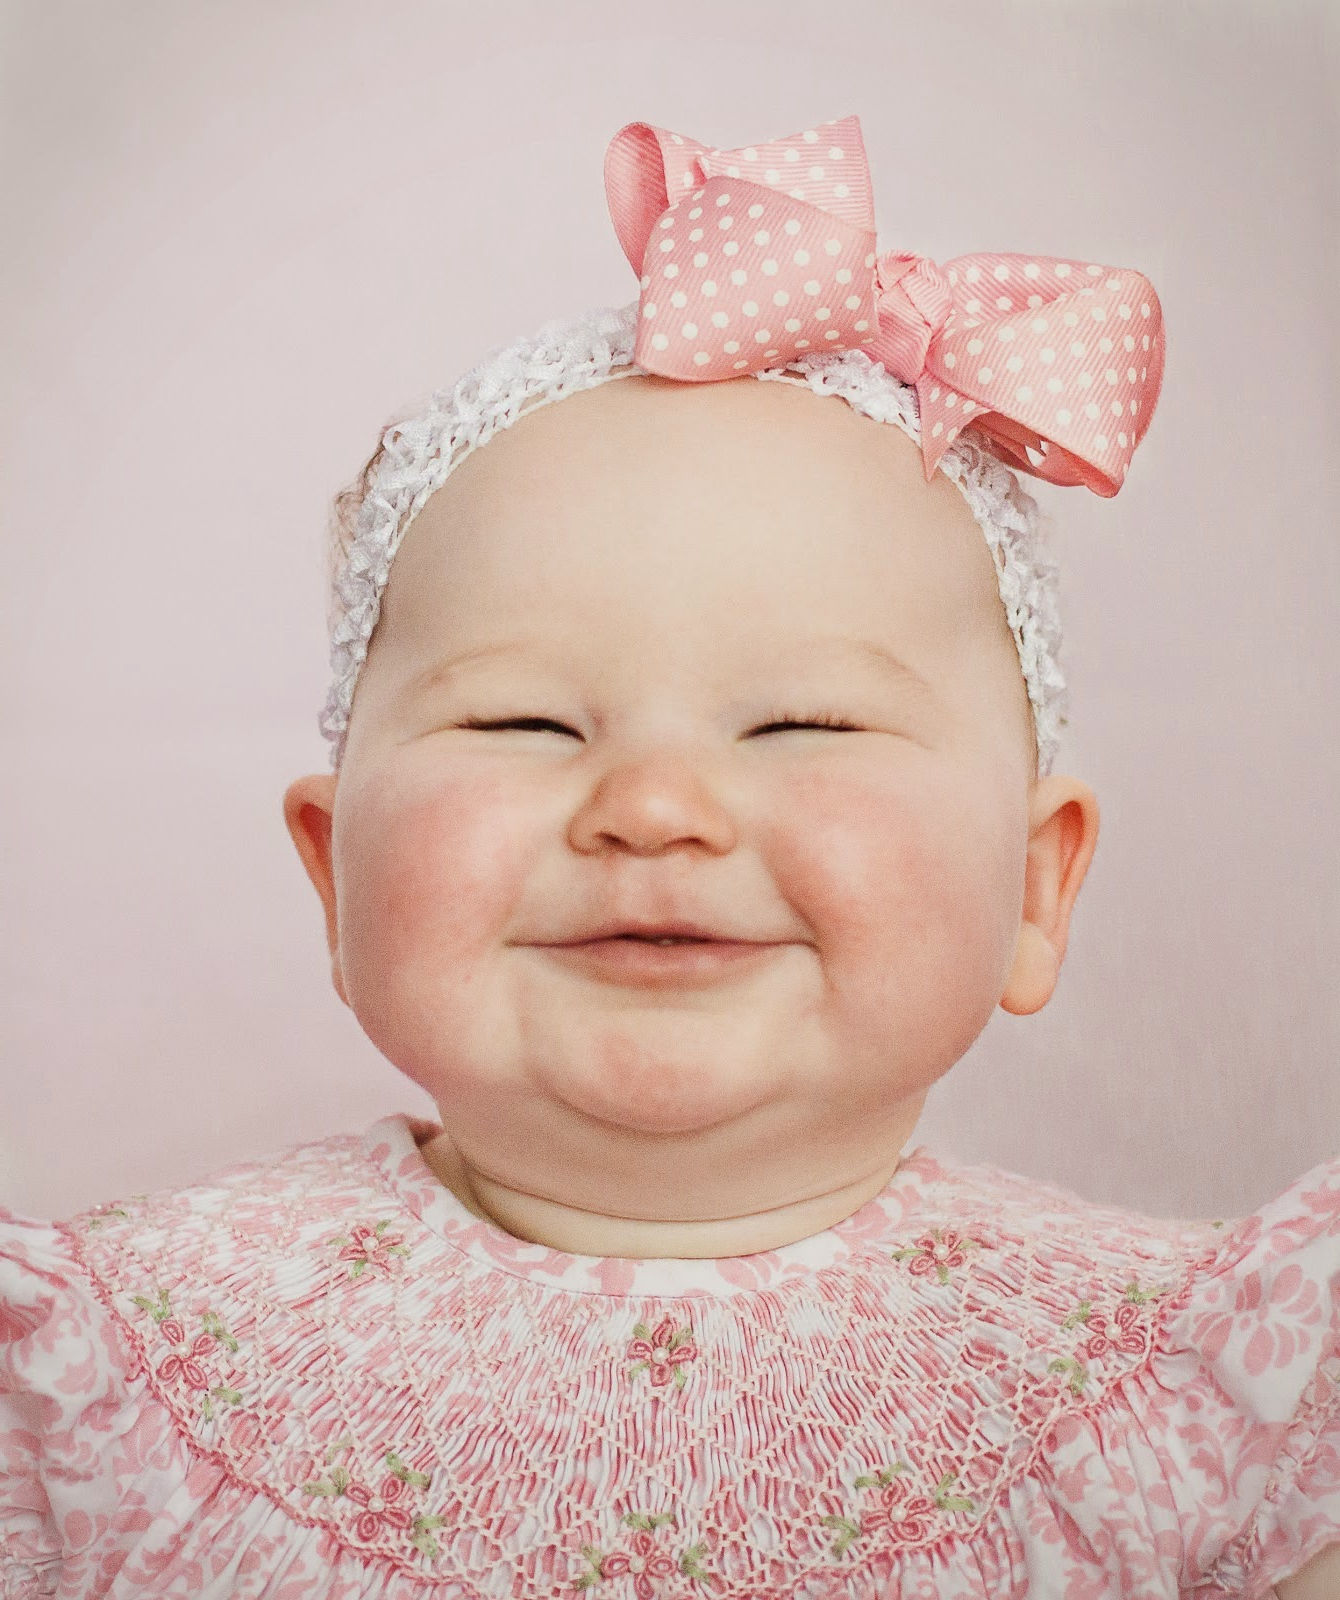 Belle Image Bebe Fille : Fonds d écran bébé fille maximumwall